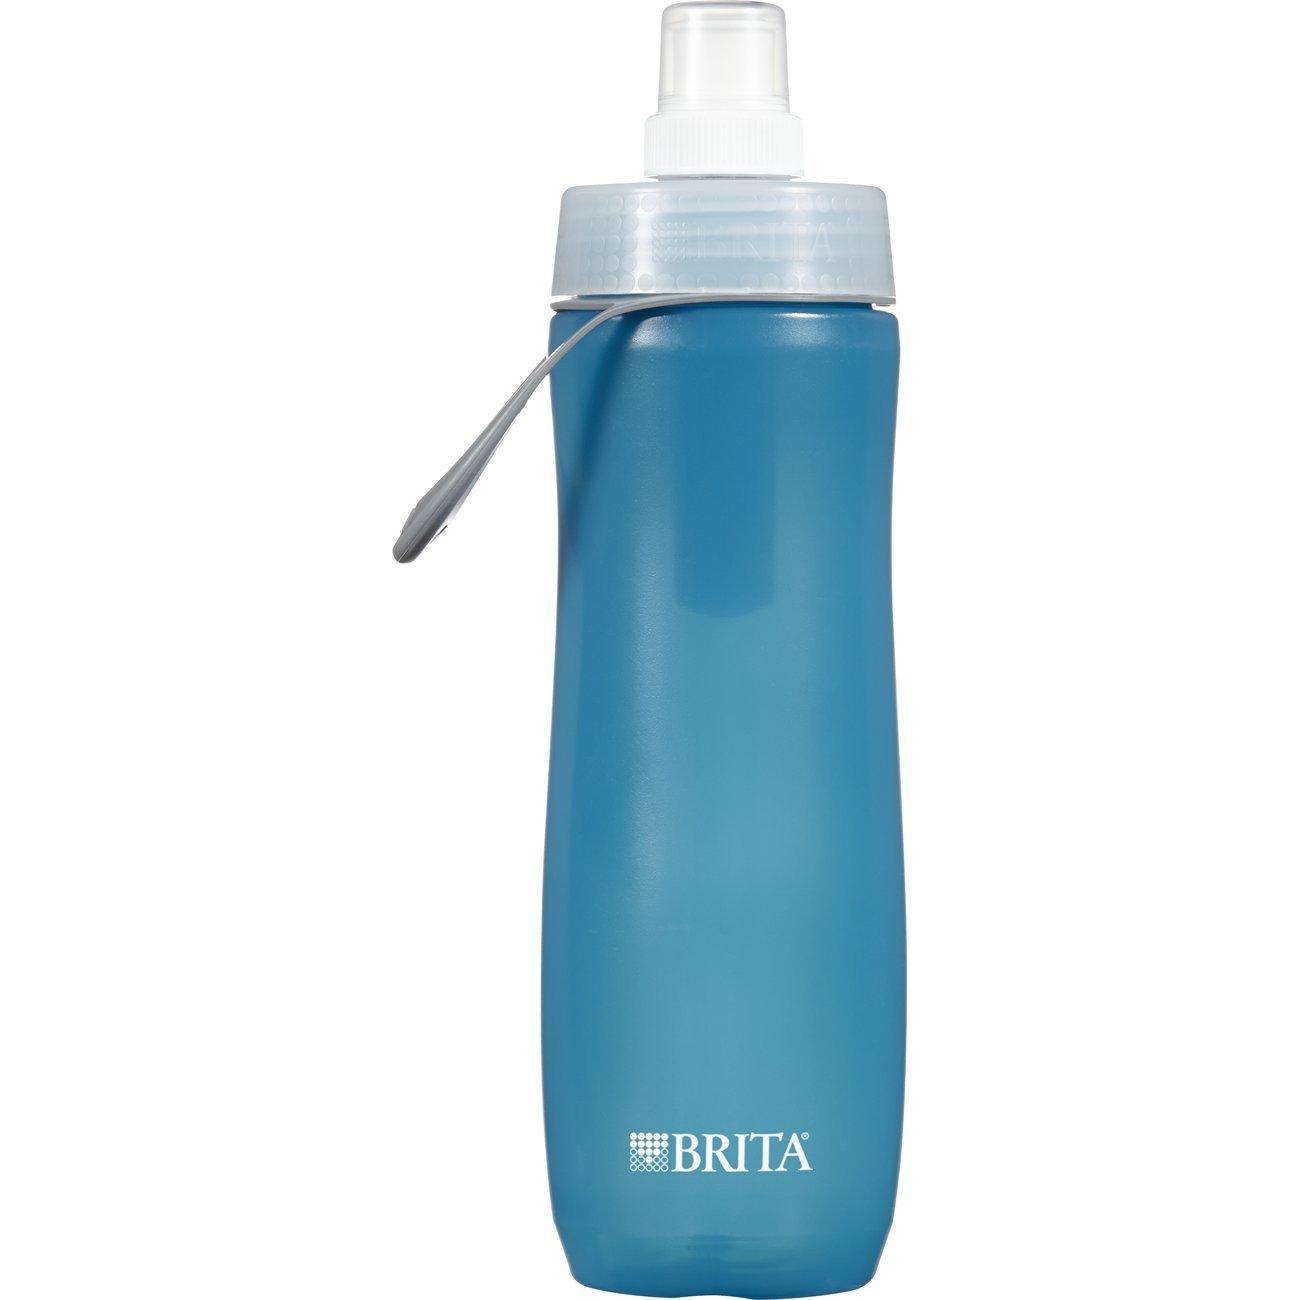 brita water filter. Brita Sport Water Filter Bottle, Dark Turquoise, 590 Millilitres: Amazon.ca: Home \u0026 Kitchen I